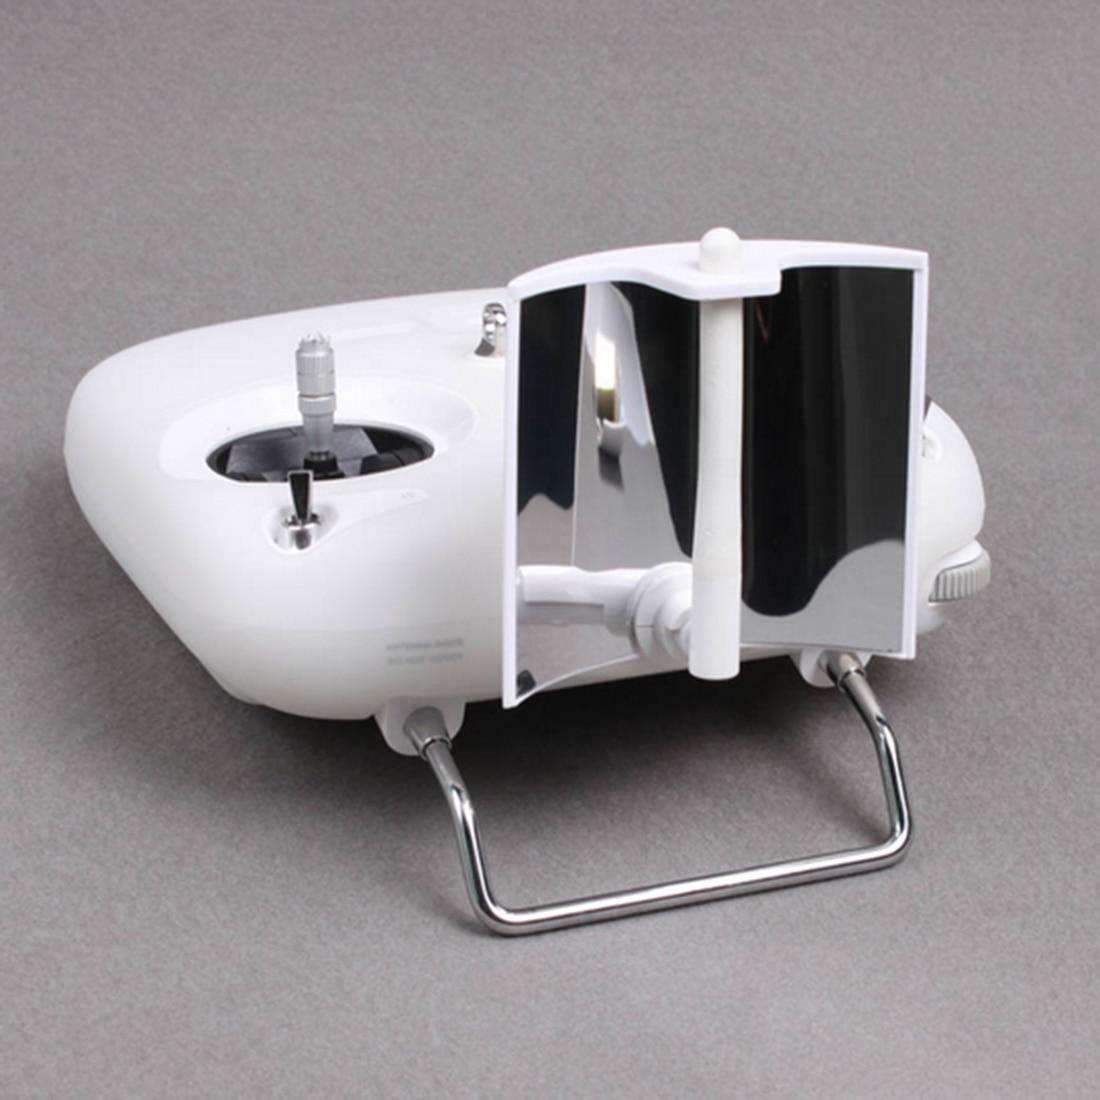 Усилитель антенны для пульта к дрону фантом металлический кейс spark недорогой